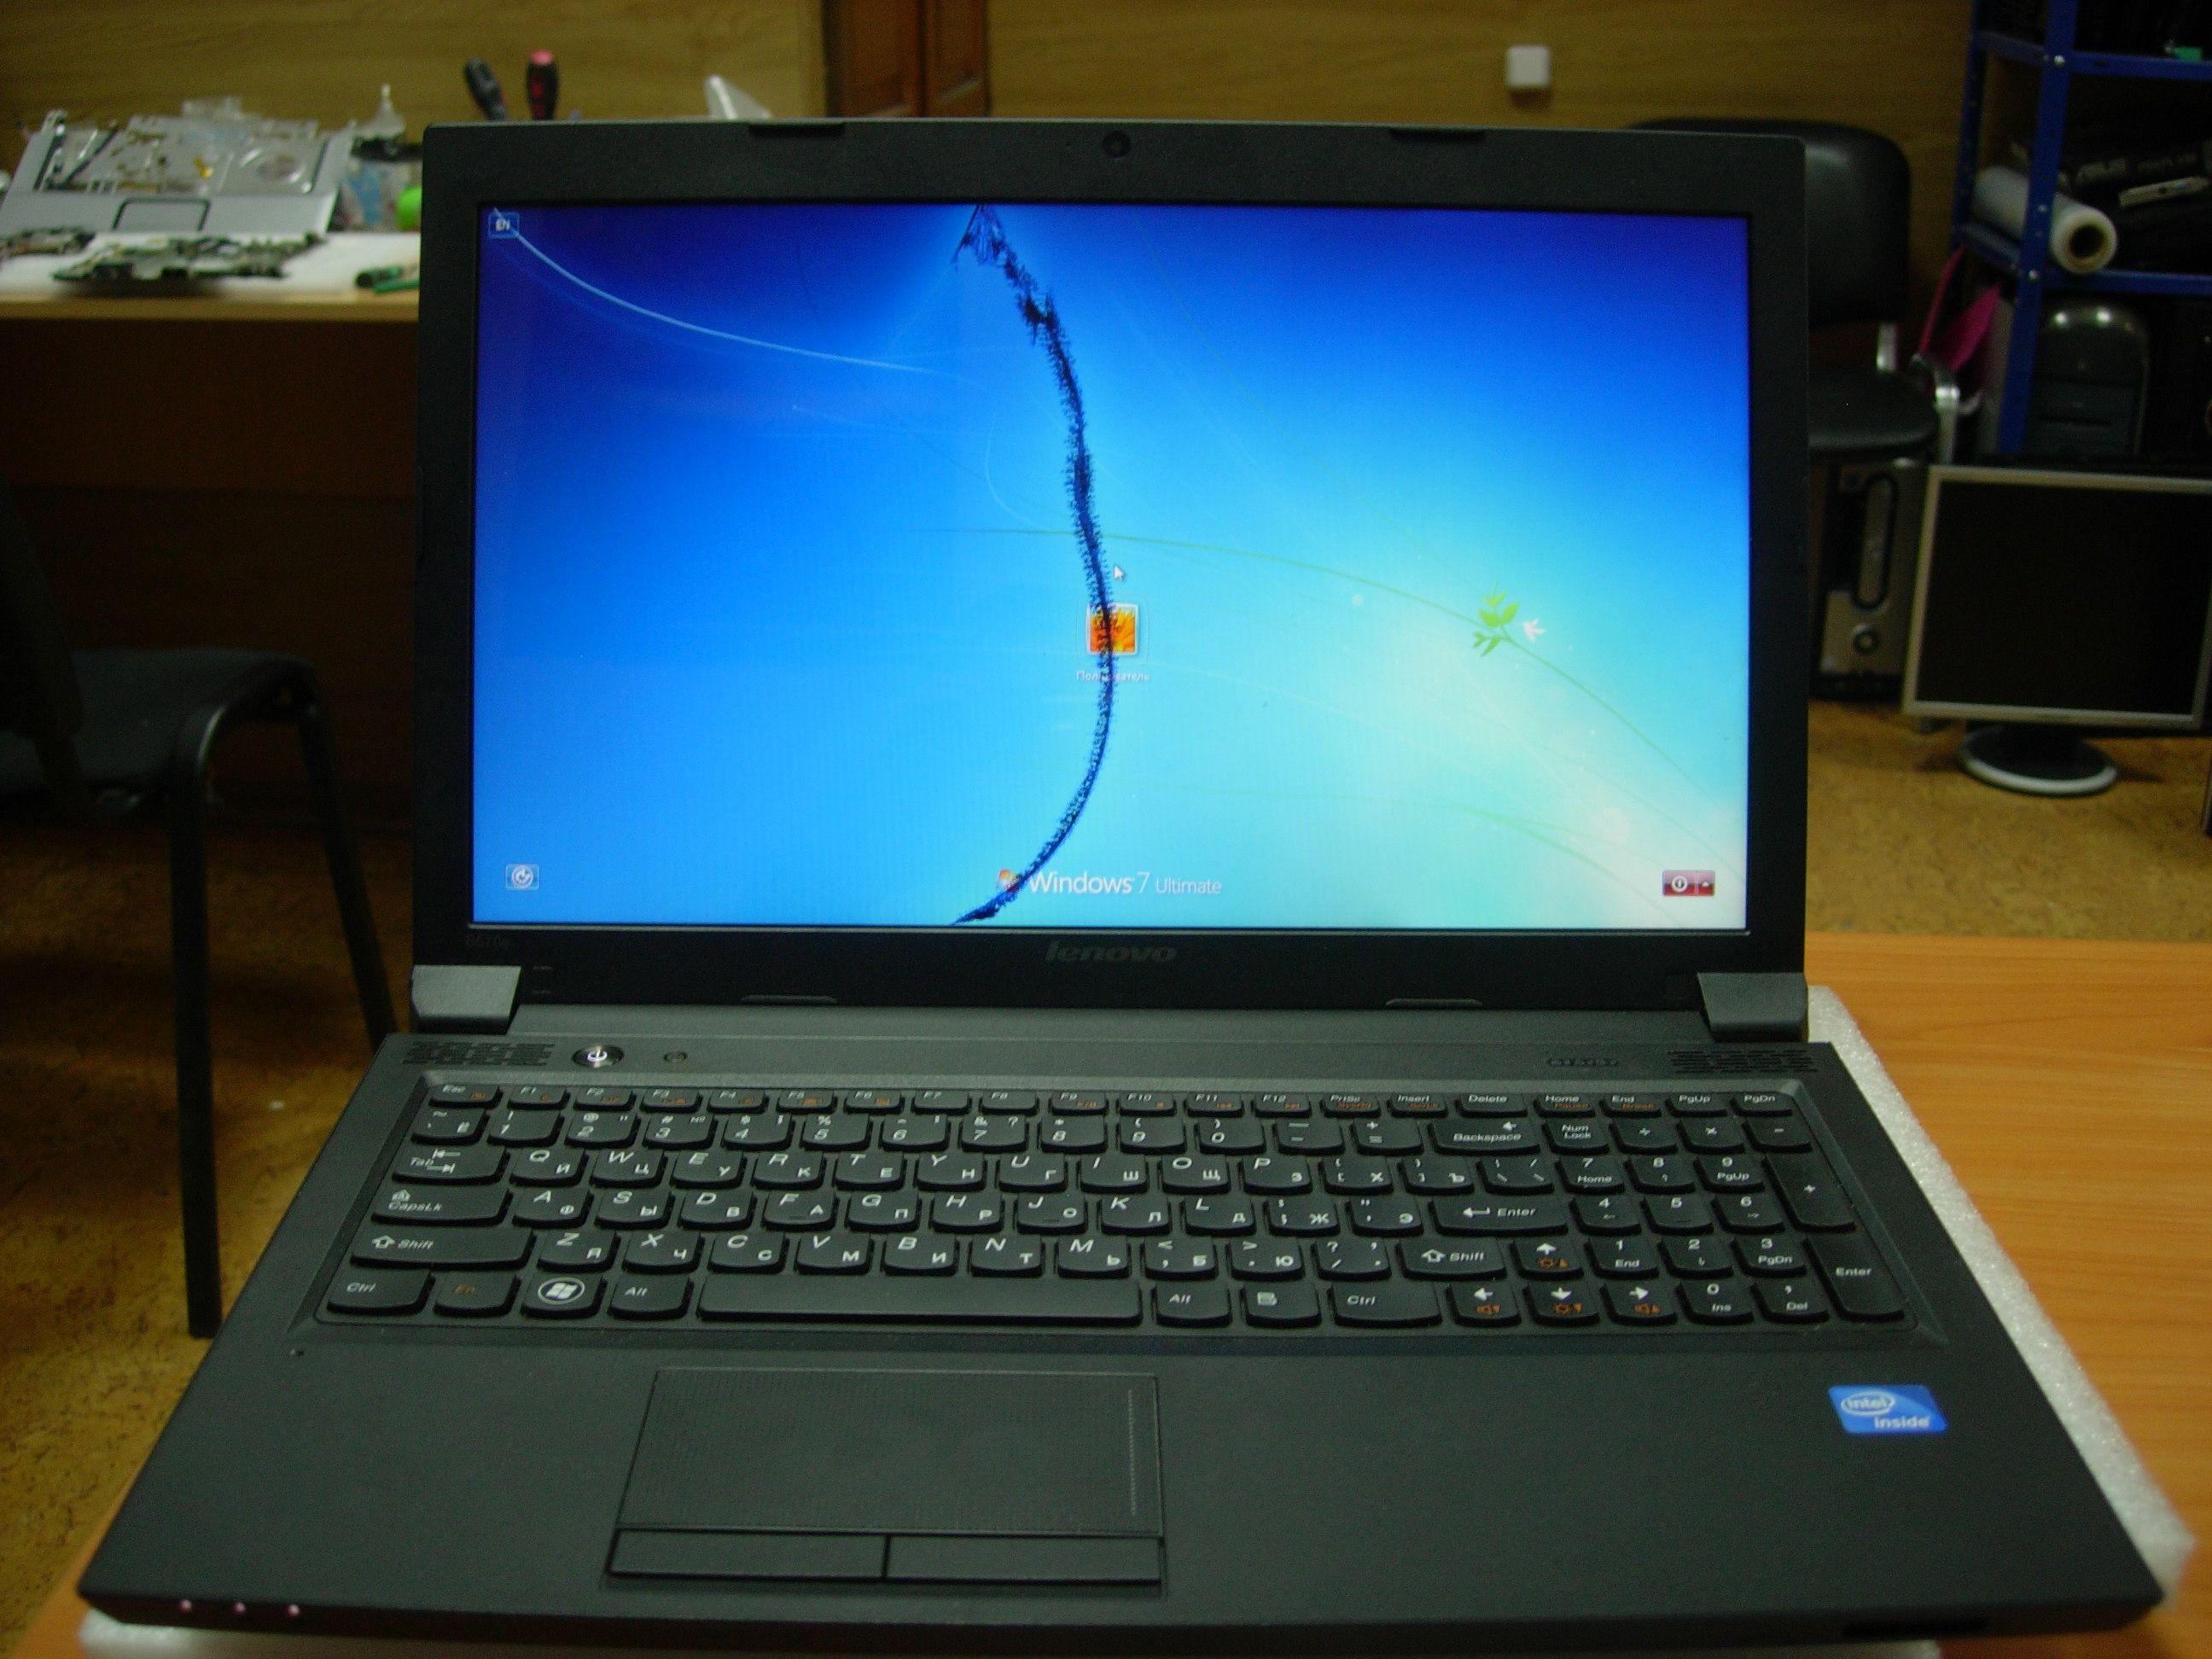 Скачать драйвера для ноутбука lenovo в570е